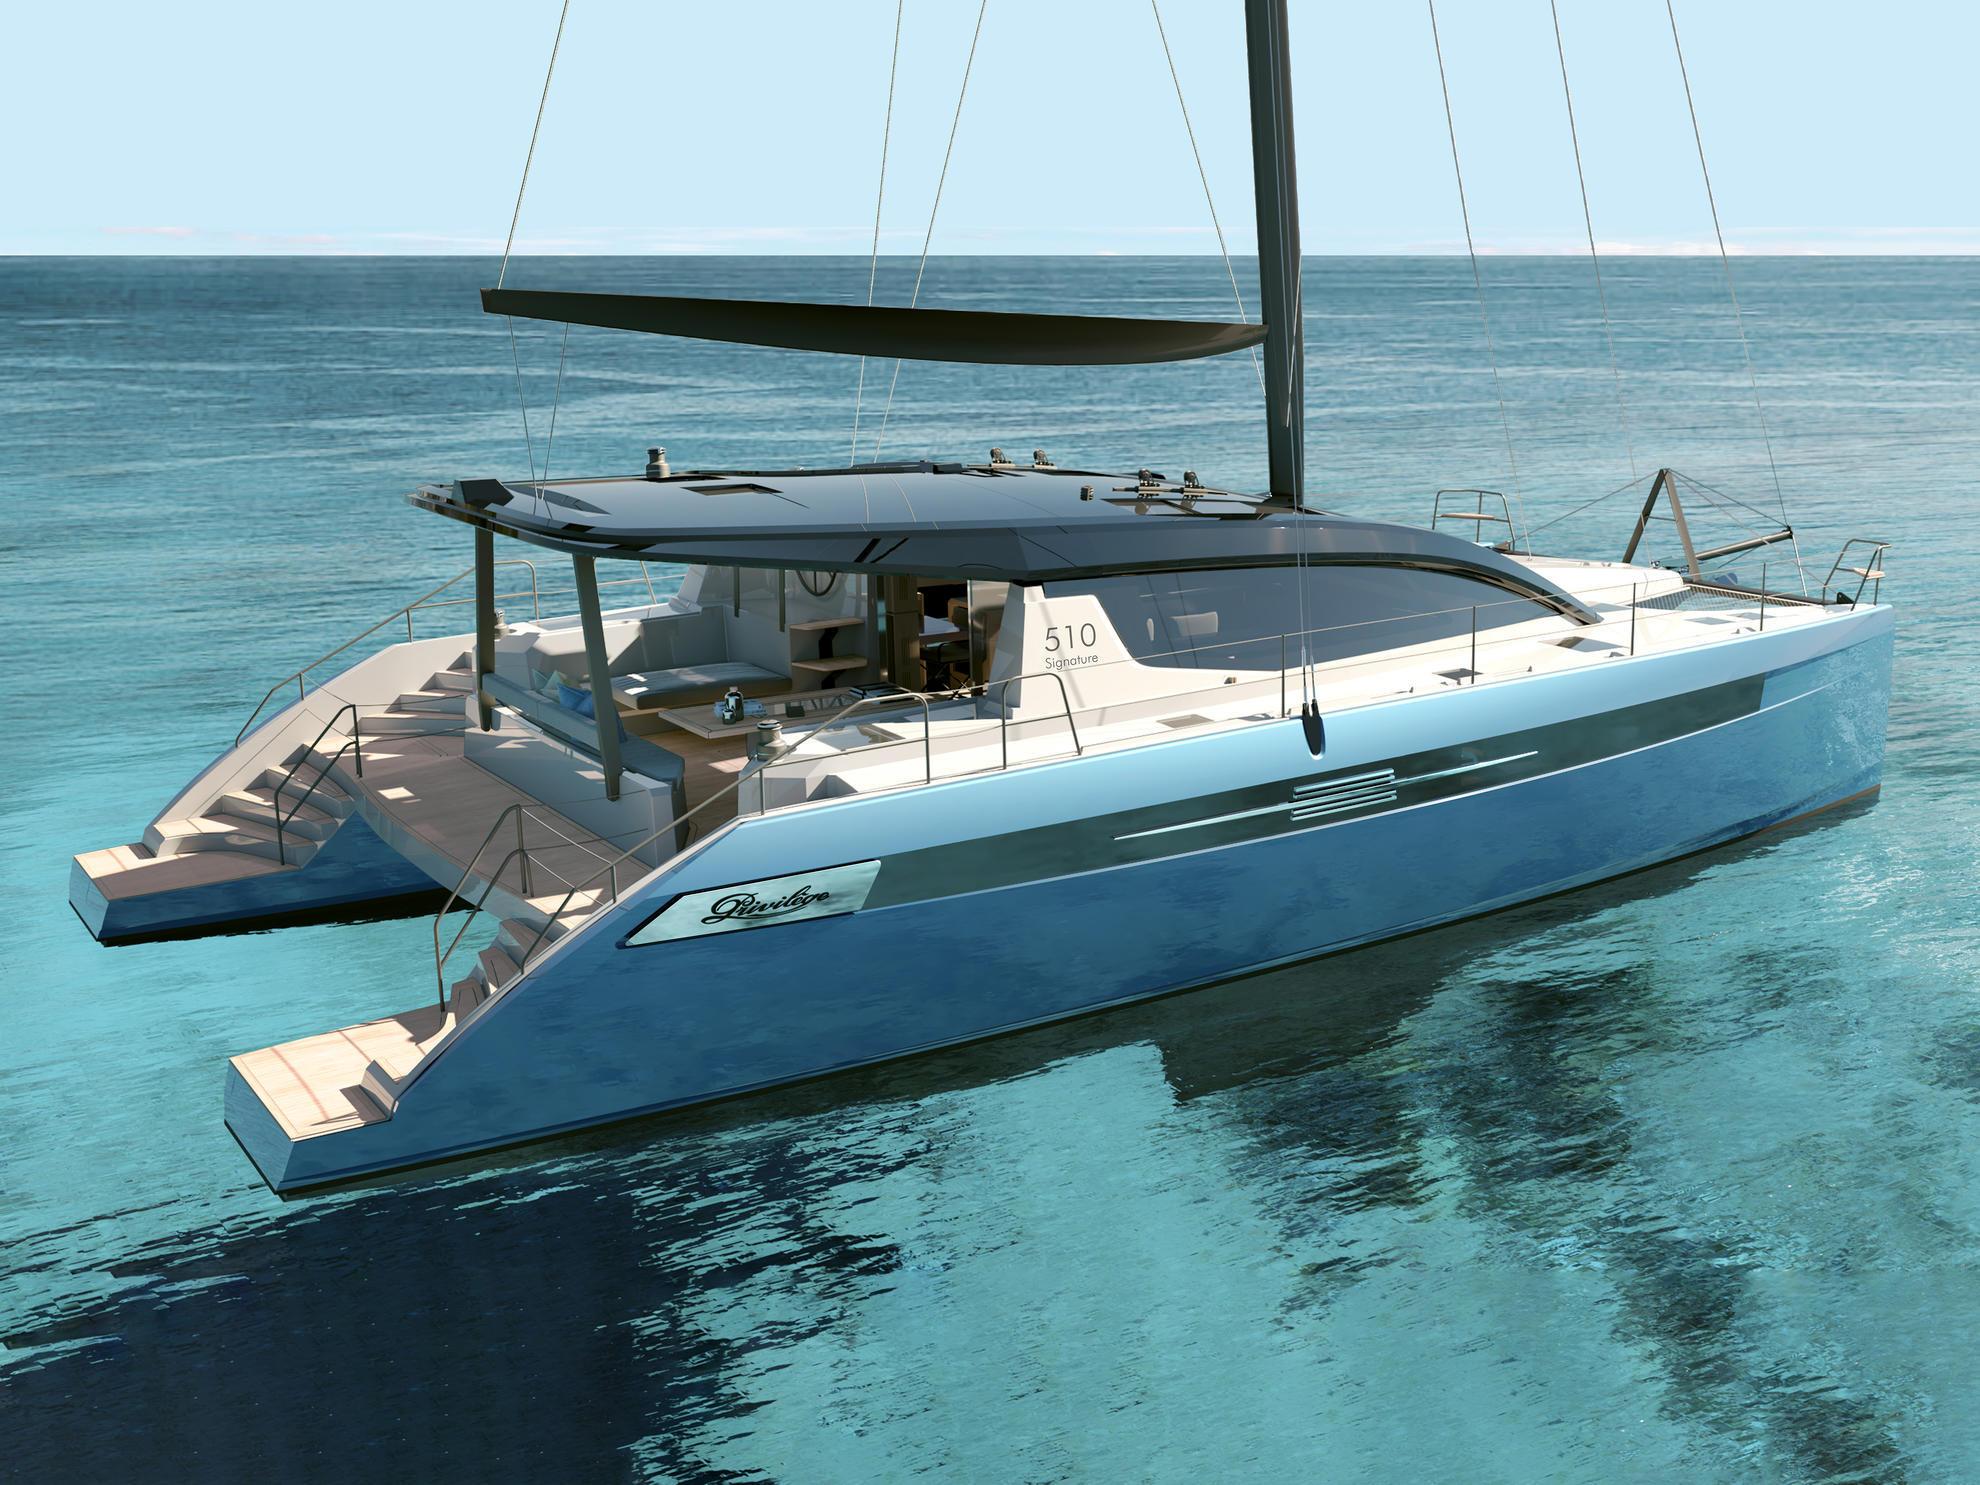 Redna Yachts Privilege 510-1